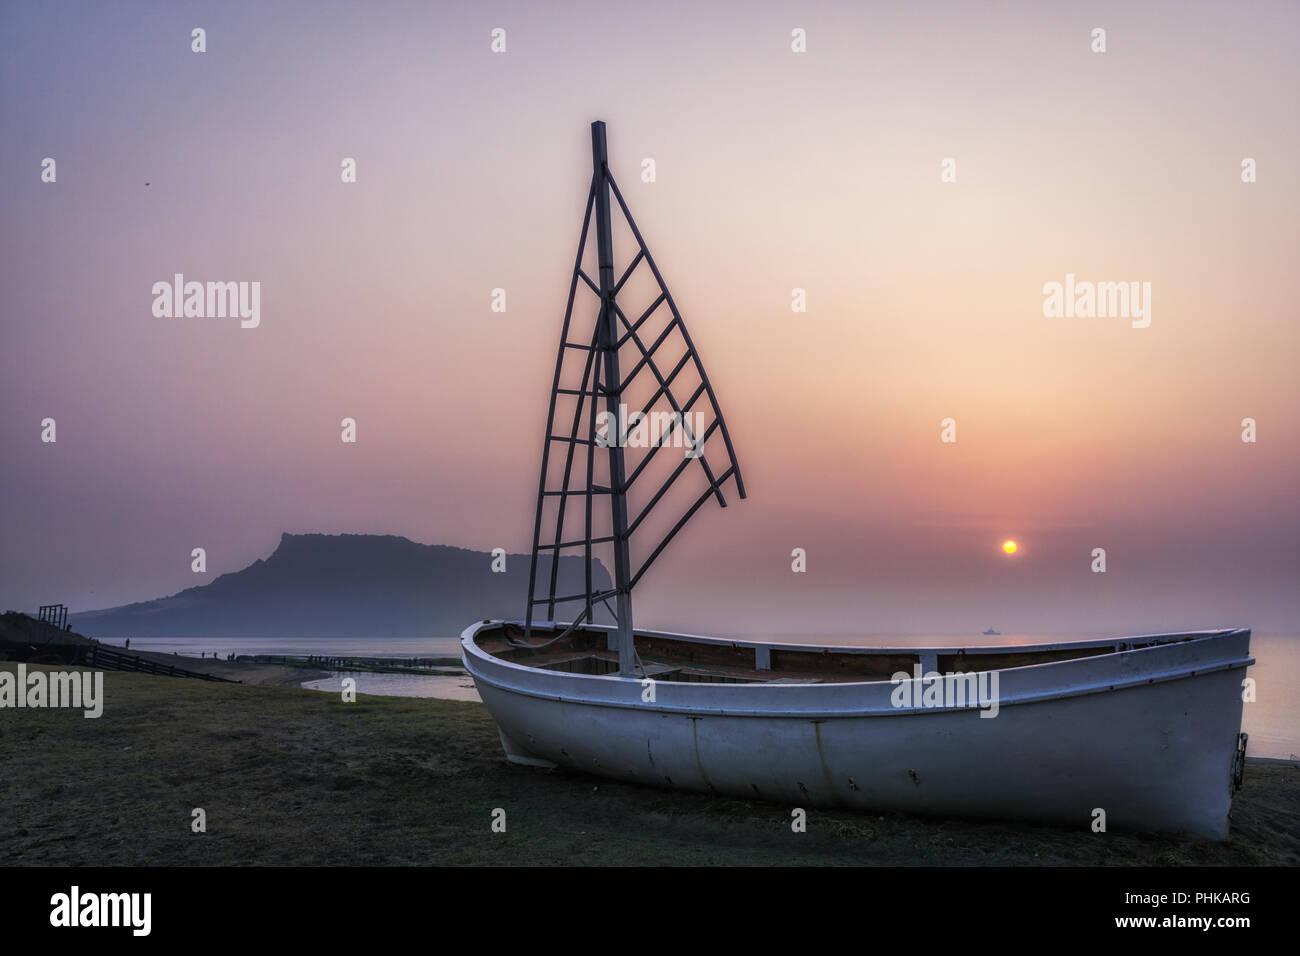 sunrise view sailboat gwangchigi beach - Stock Image